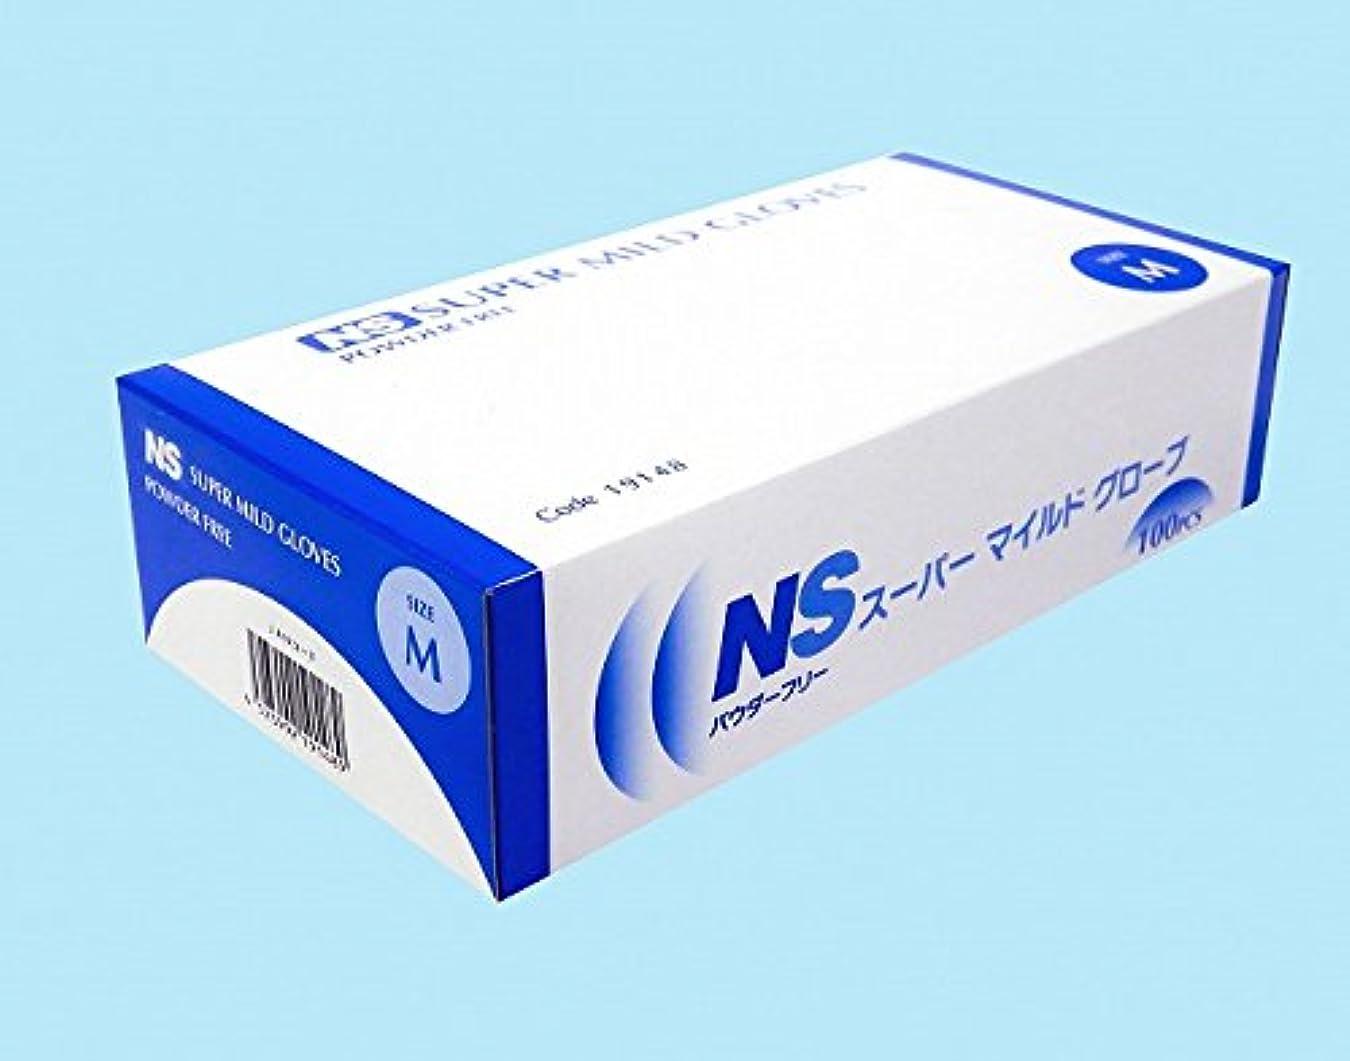 【日昭産業】NS スーパーマイルド プラスチック手袋 パウダーフリー M 100枚*20箱入り (ケース販売)